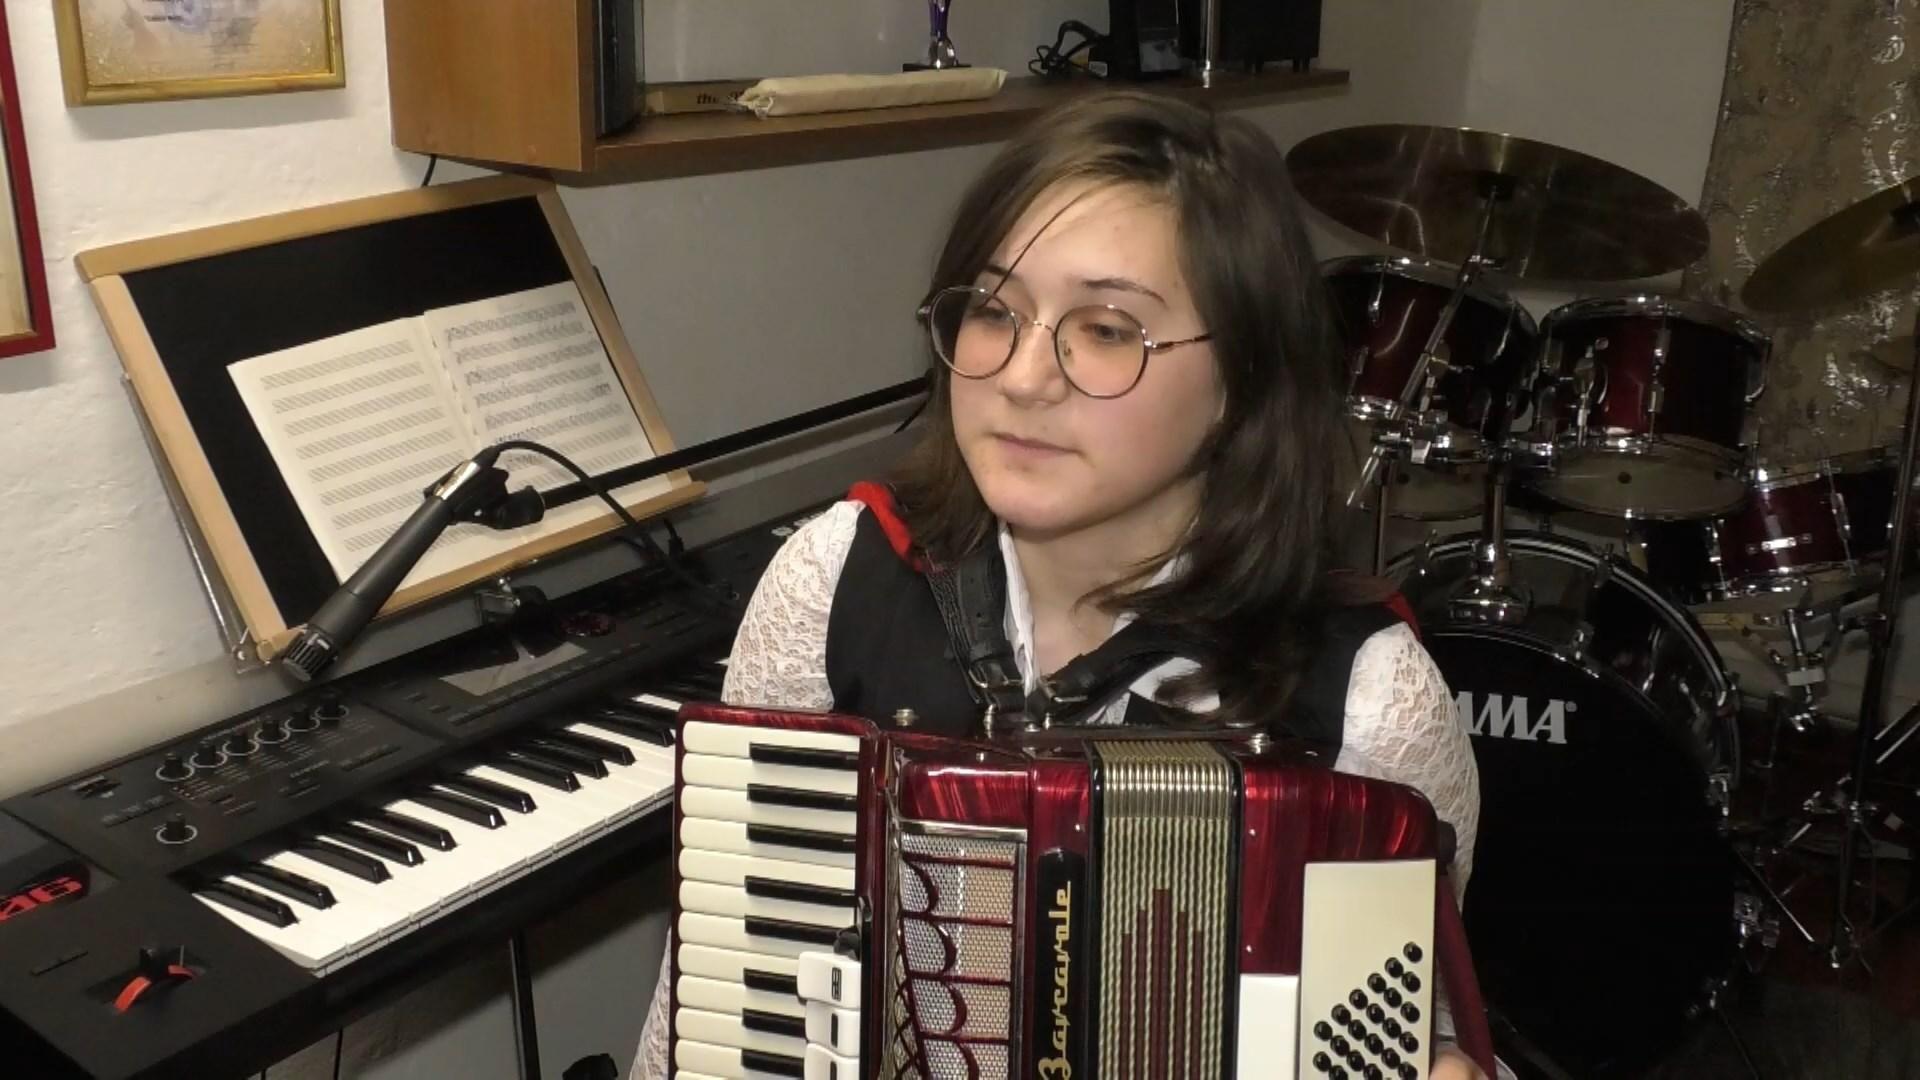 Школьница из Черкасс освоила 15 музыкальных инструментов: зрелищное видео - Новости Черкасс сегодня - 24 Канал